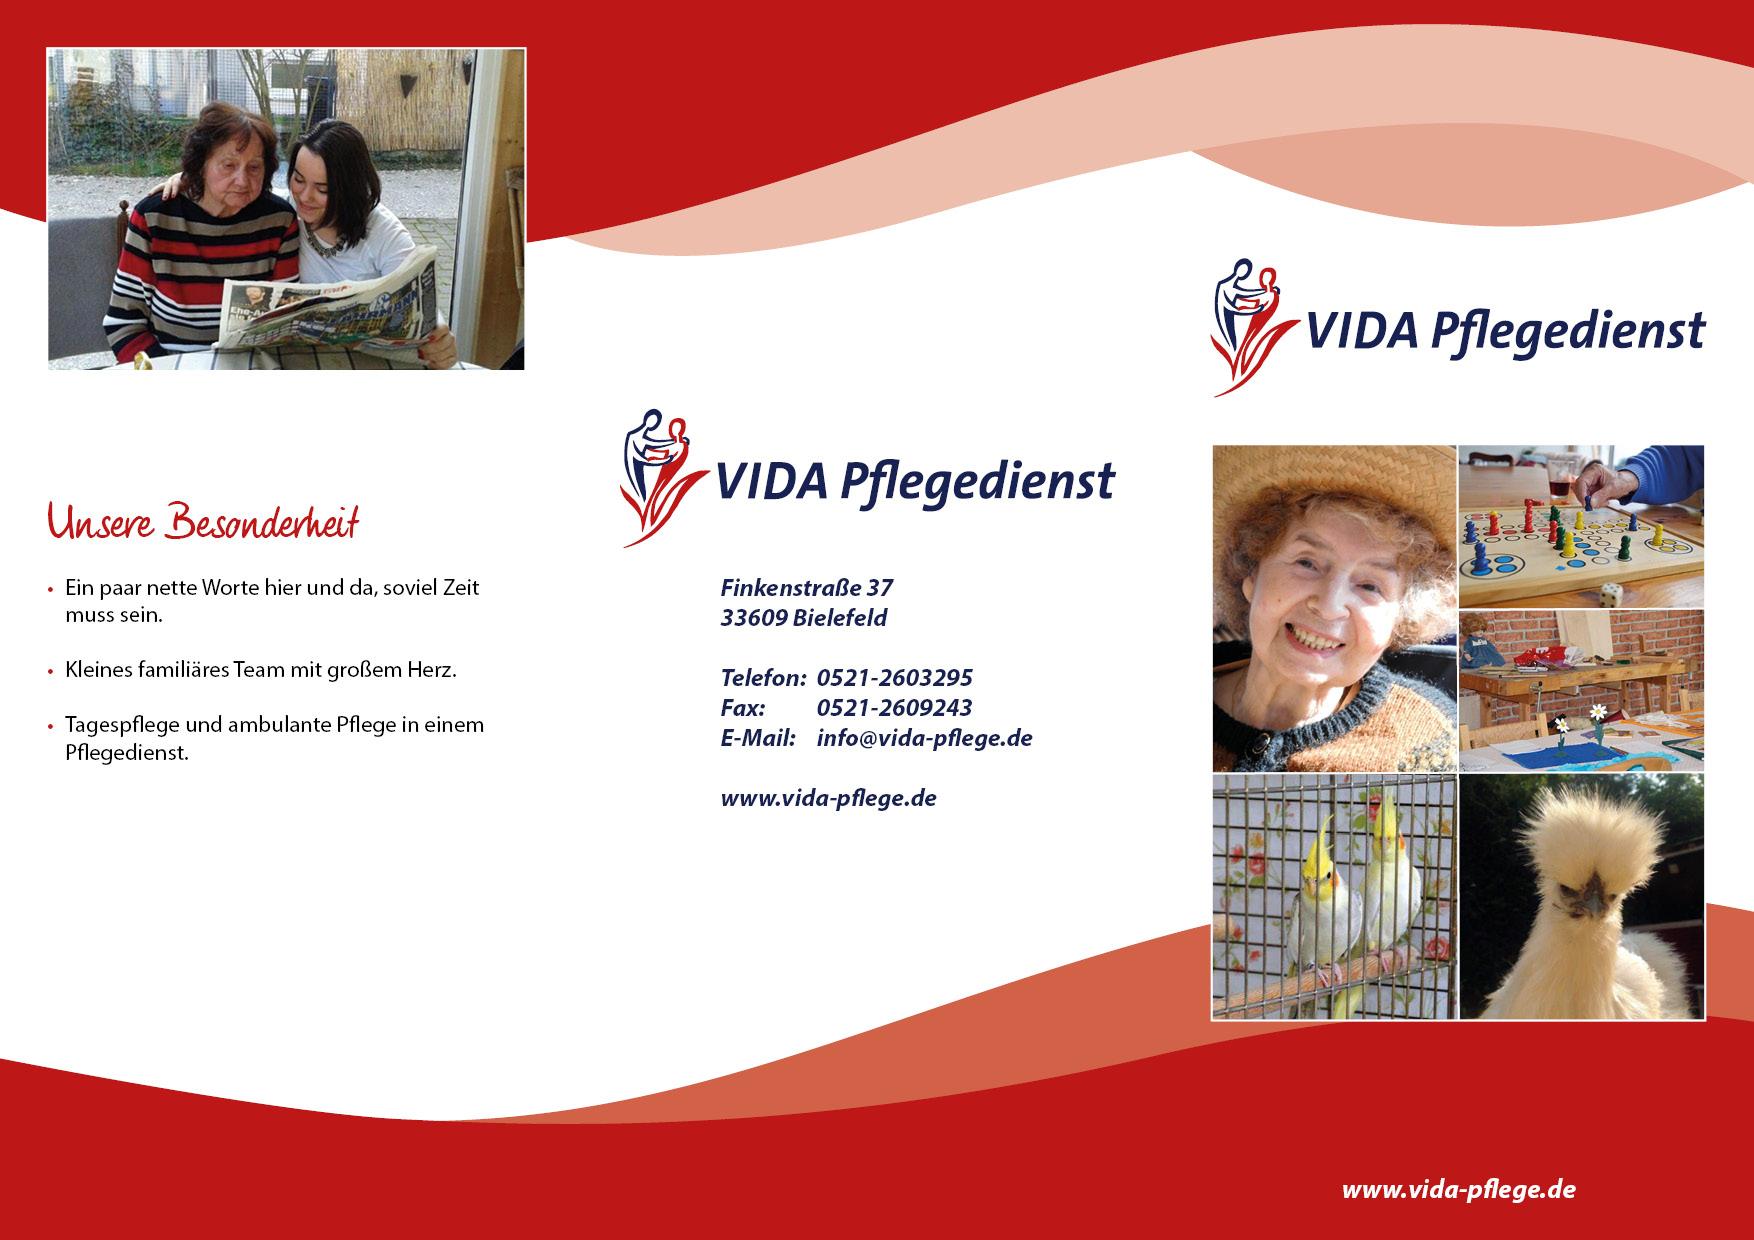 Flyer VIDA Pflegedienst Außenseite